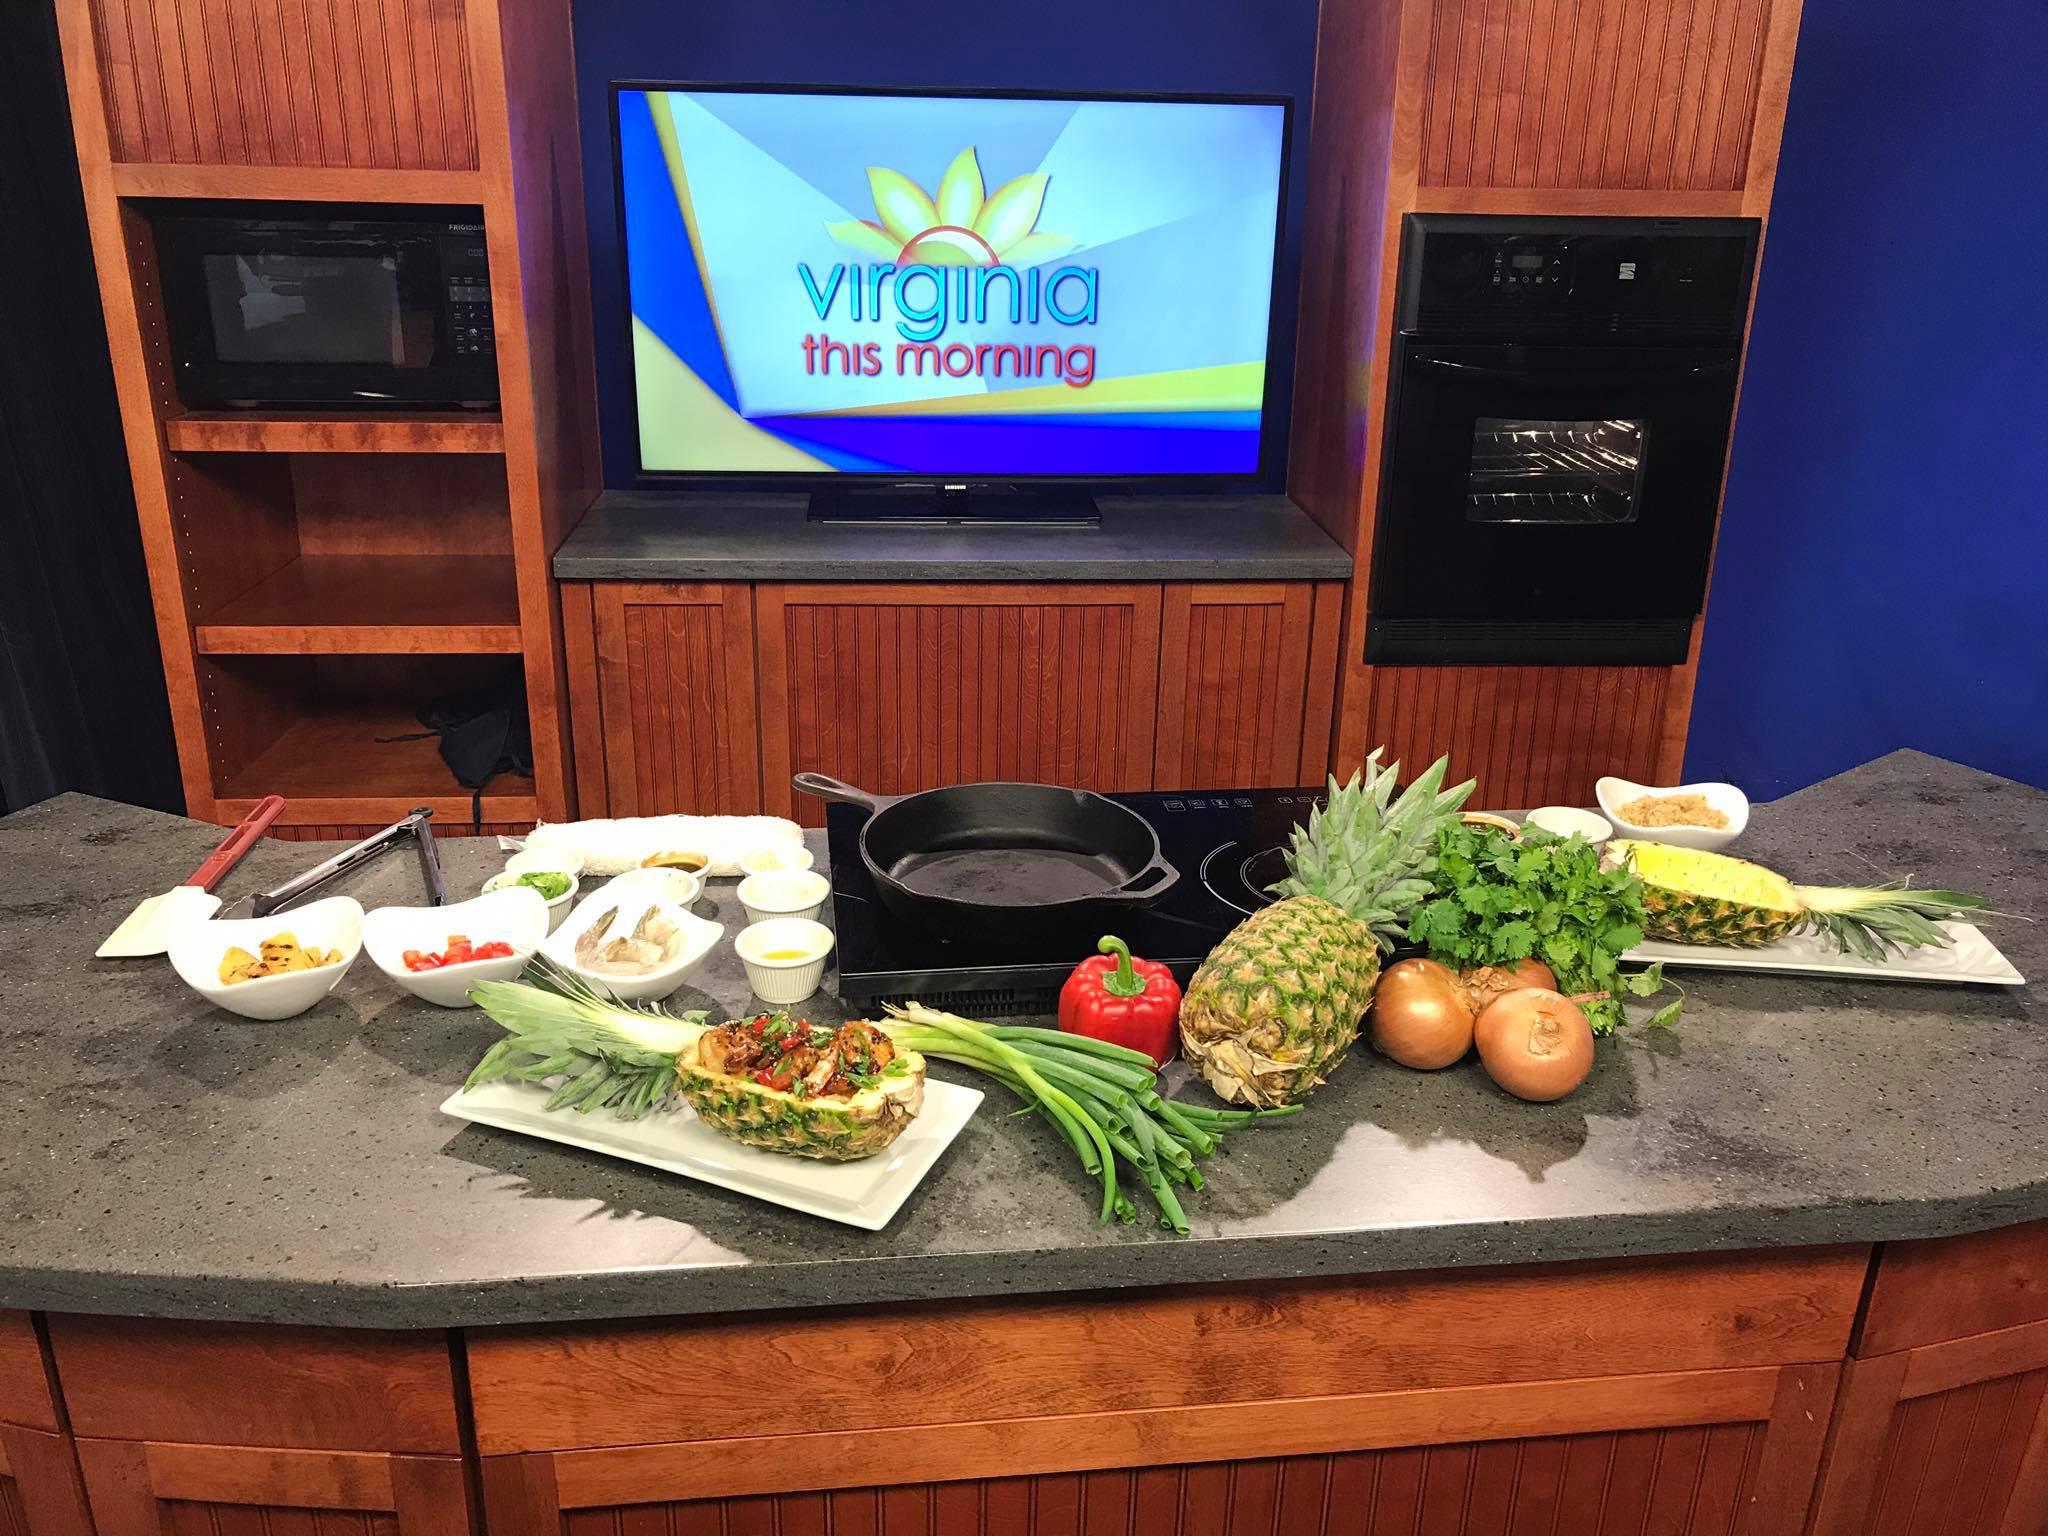 Virginia This Morning Set